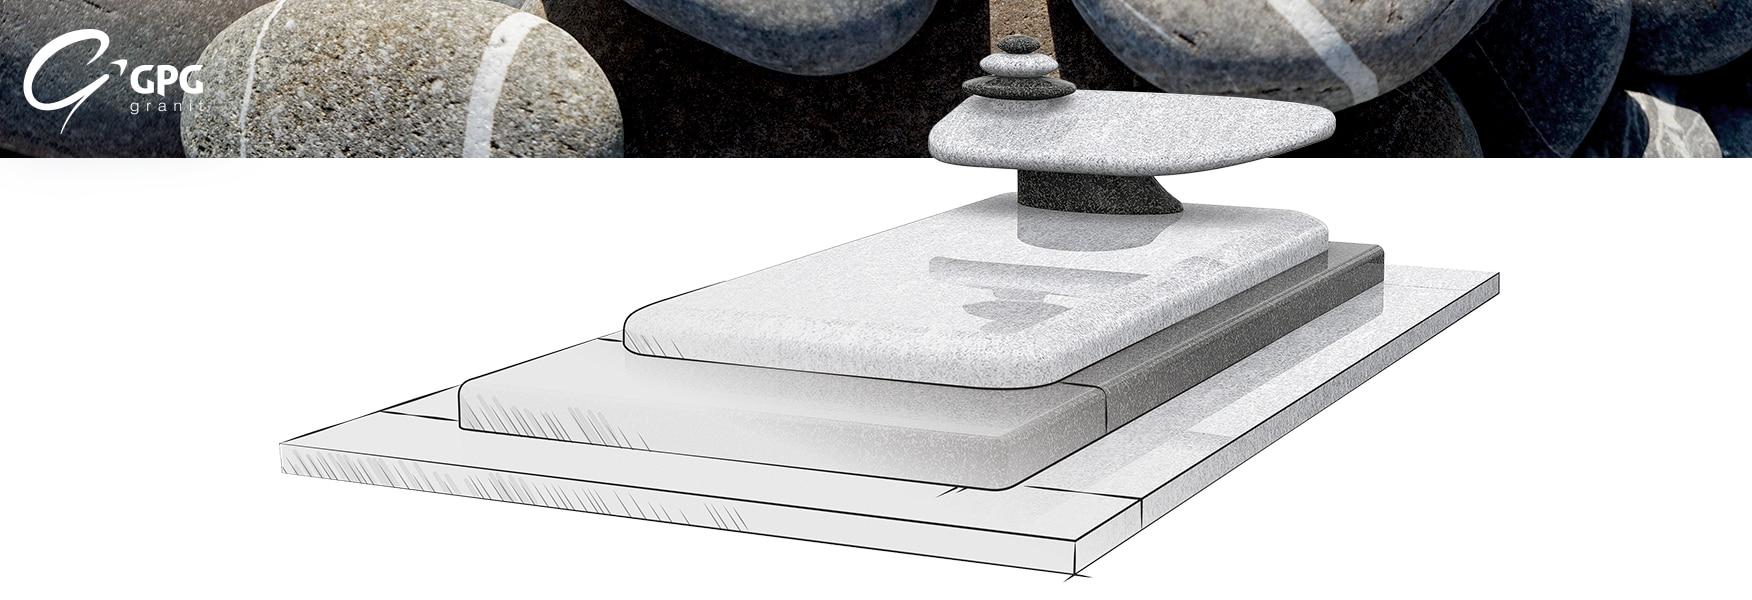 Le GPG 438/I est un monument qui s'élève, avec des pierres apaisantes